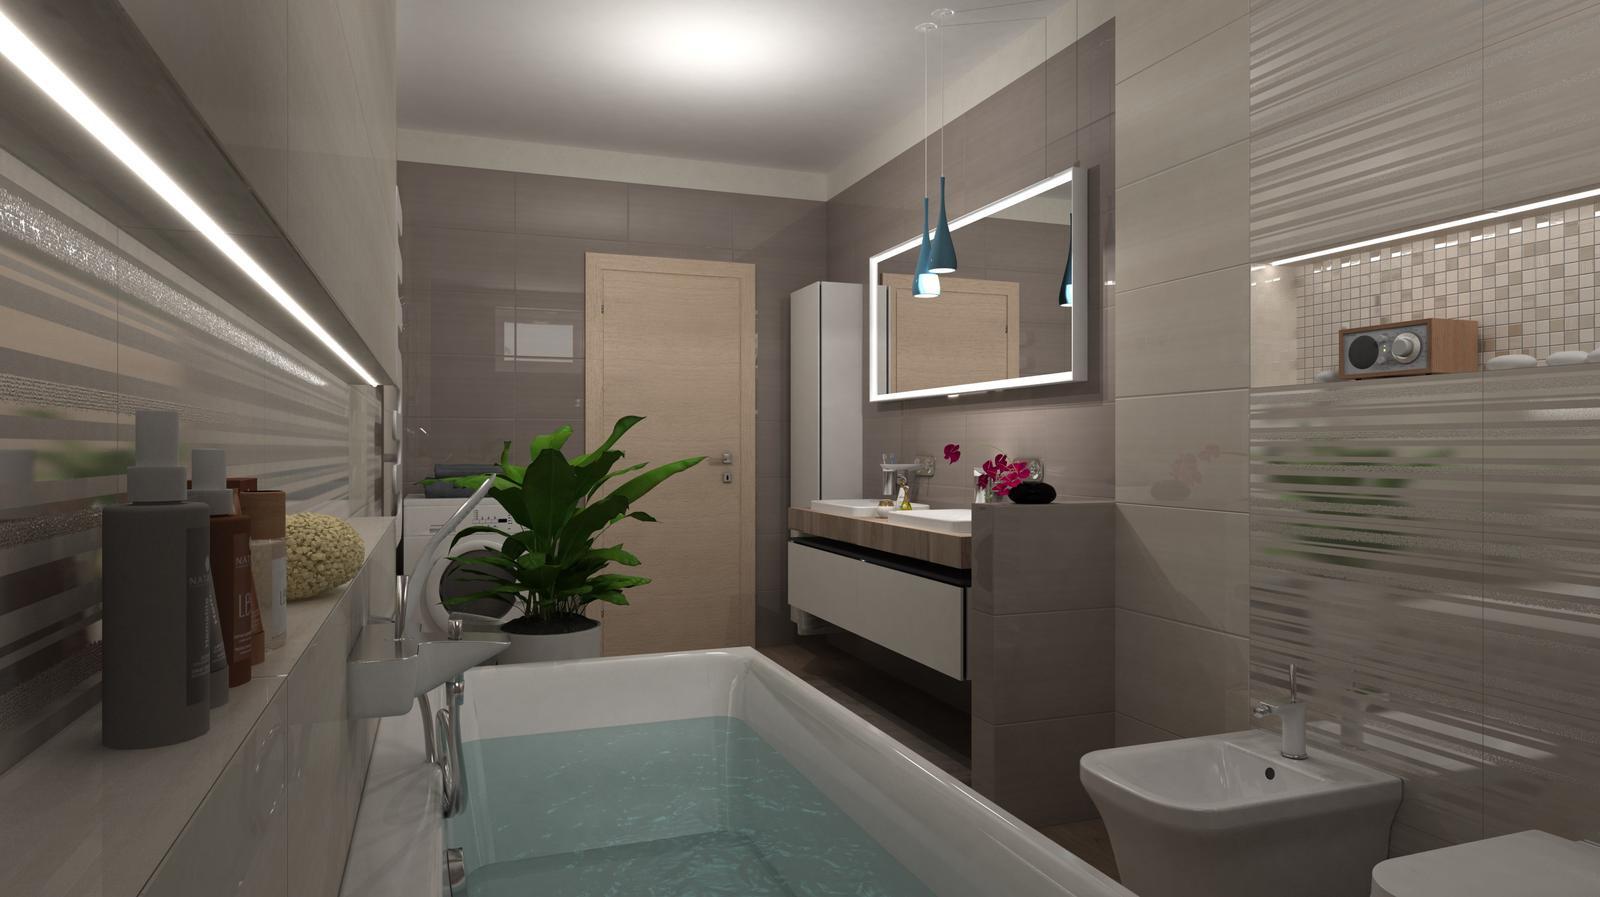 Vizualizácie kúpeľní - Obrázok č. 85